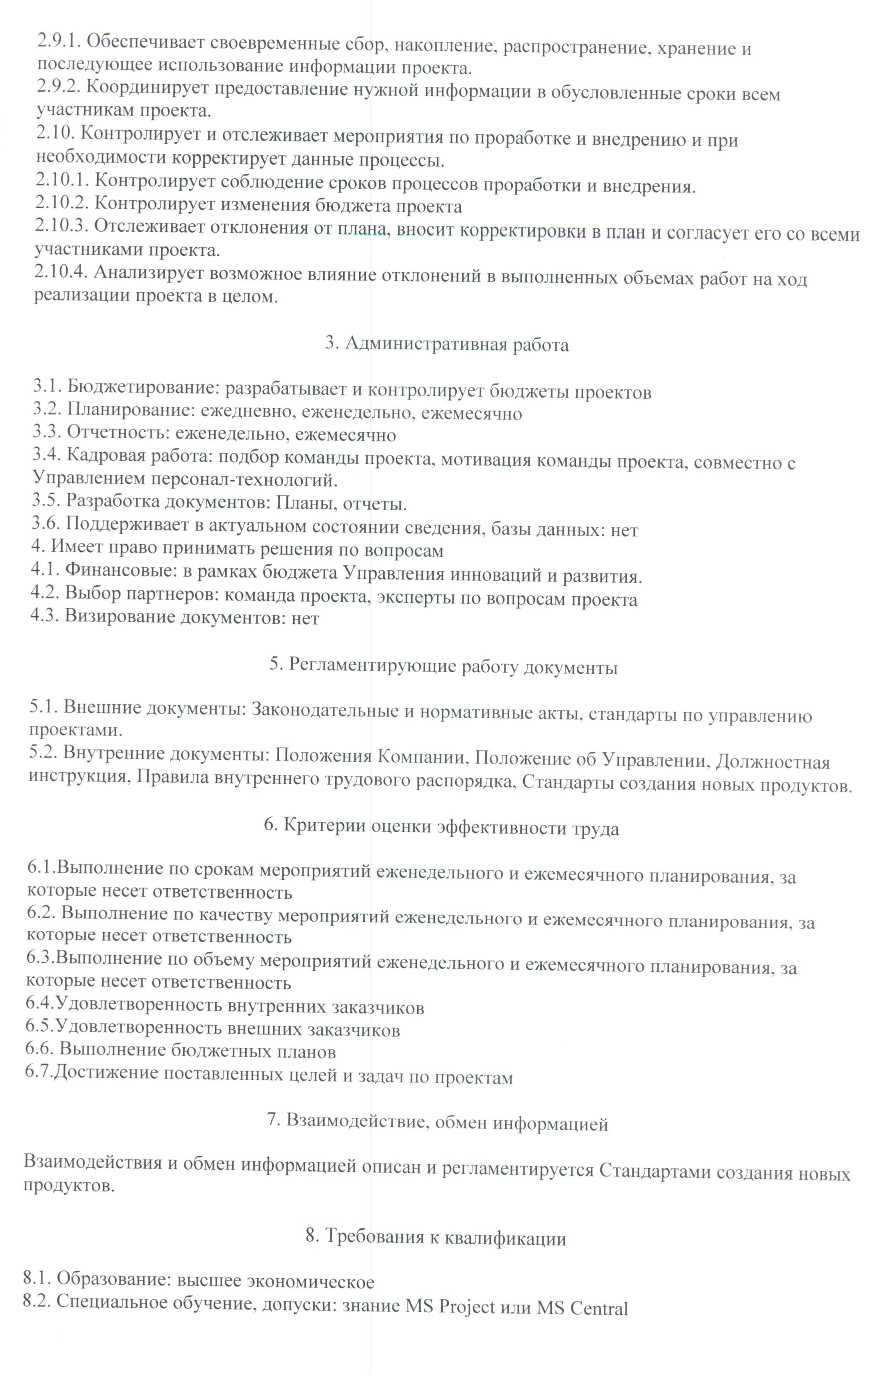 Должностные инструкции менеджера интернет проекта